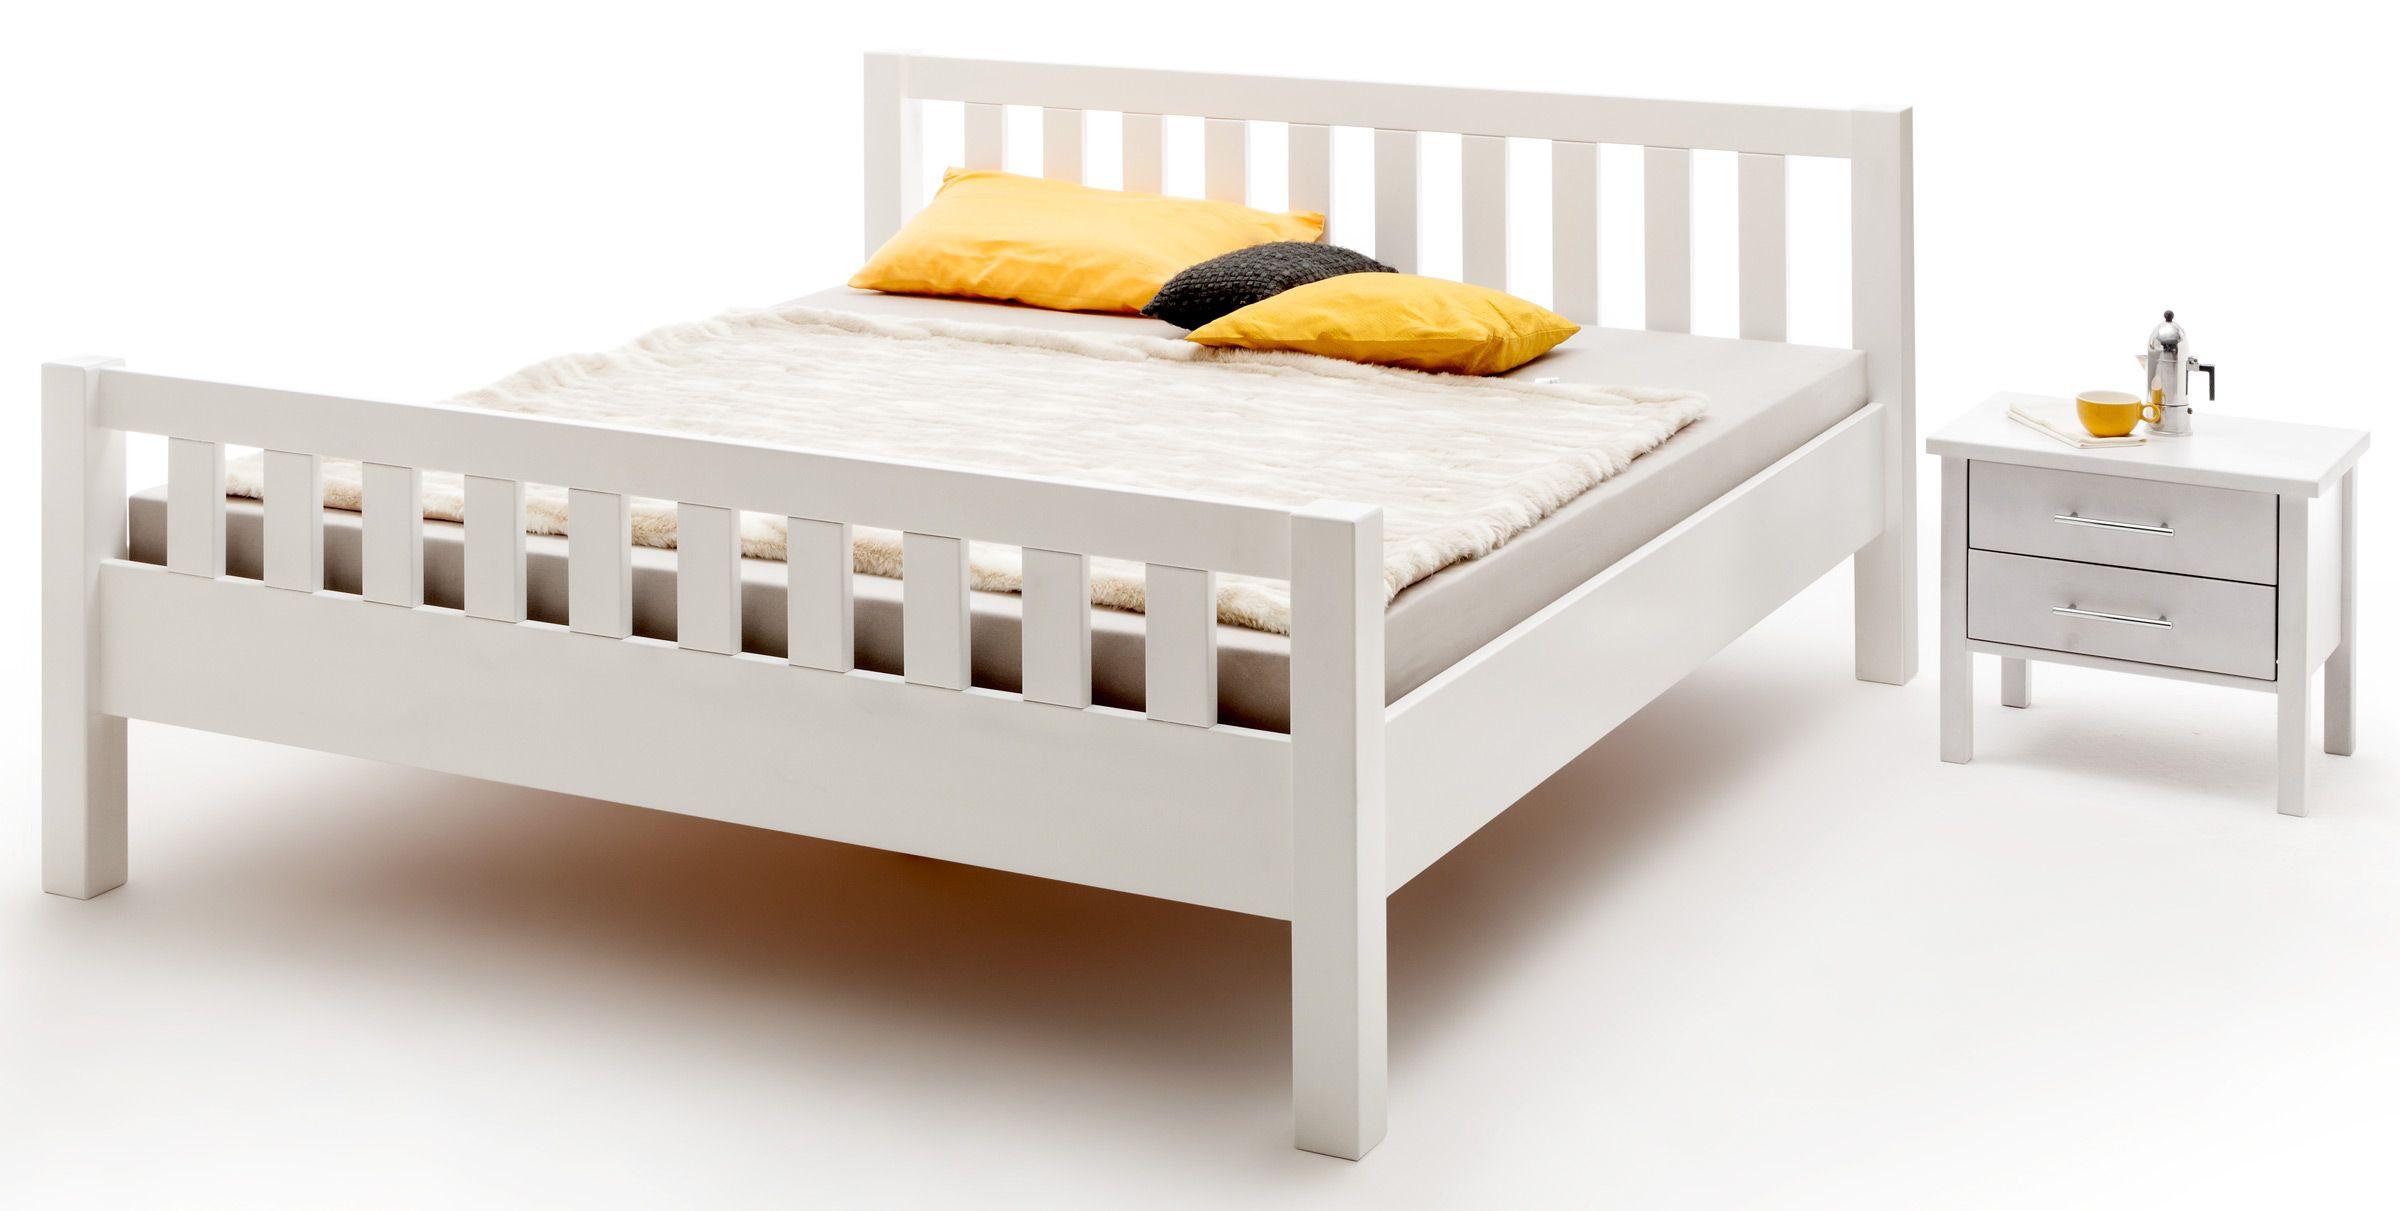 Full Size of Stabiles Bett 38 2c Rundes 140x200 Fhrung Topper Betten Für Teenager 160x220 200x200 Komforthöhe Günstiges Mit Matratze Und Lattenrost Jugendzimmer Bett Stabiles Bett